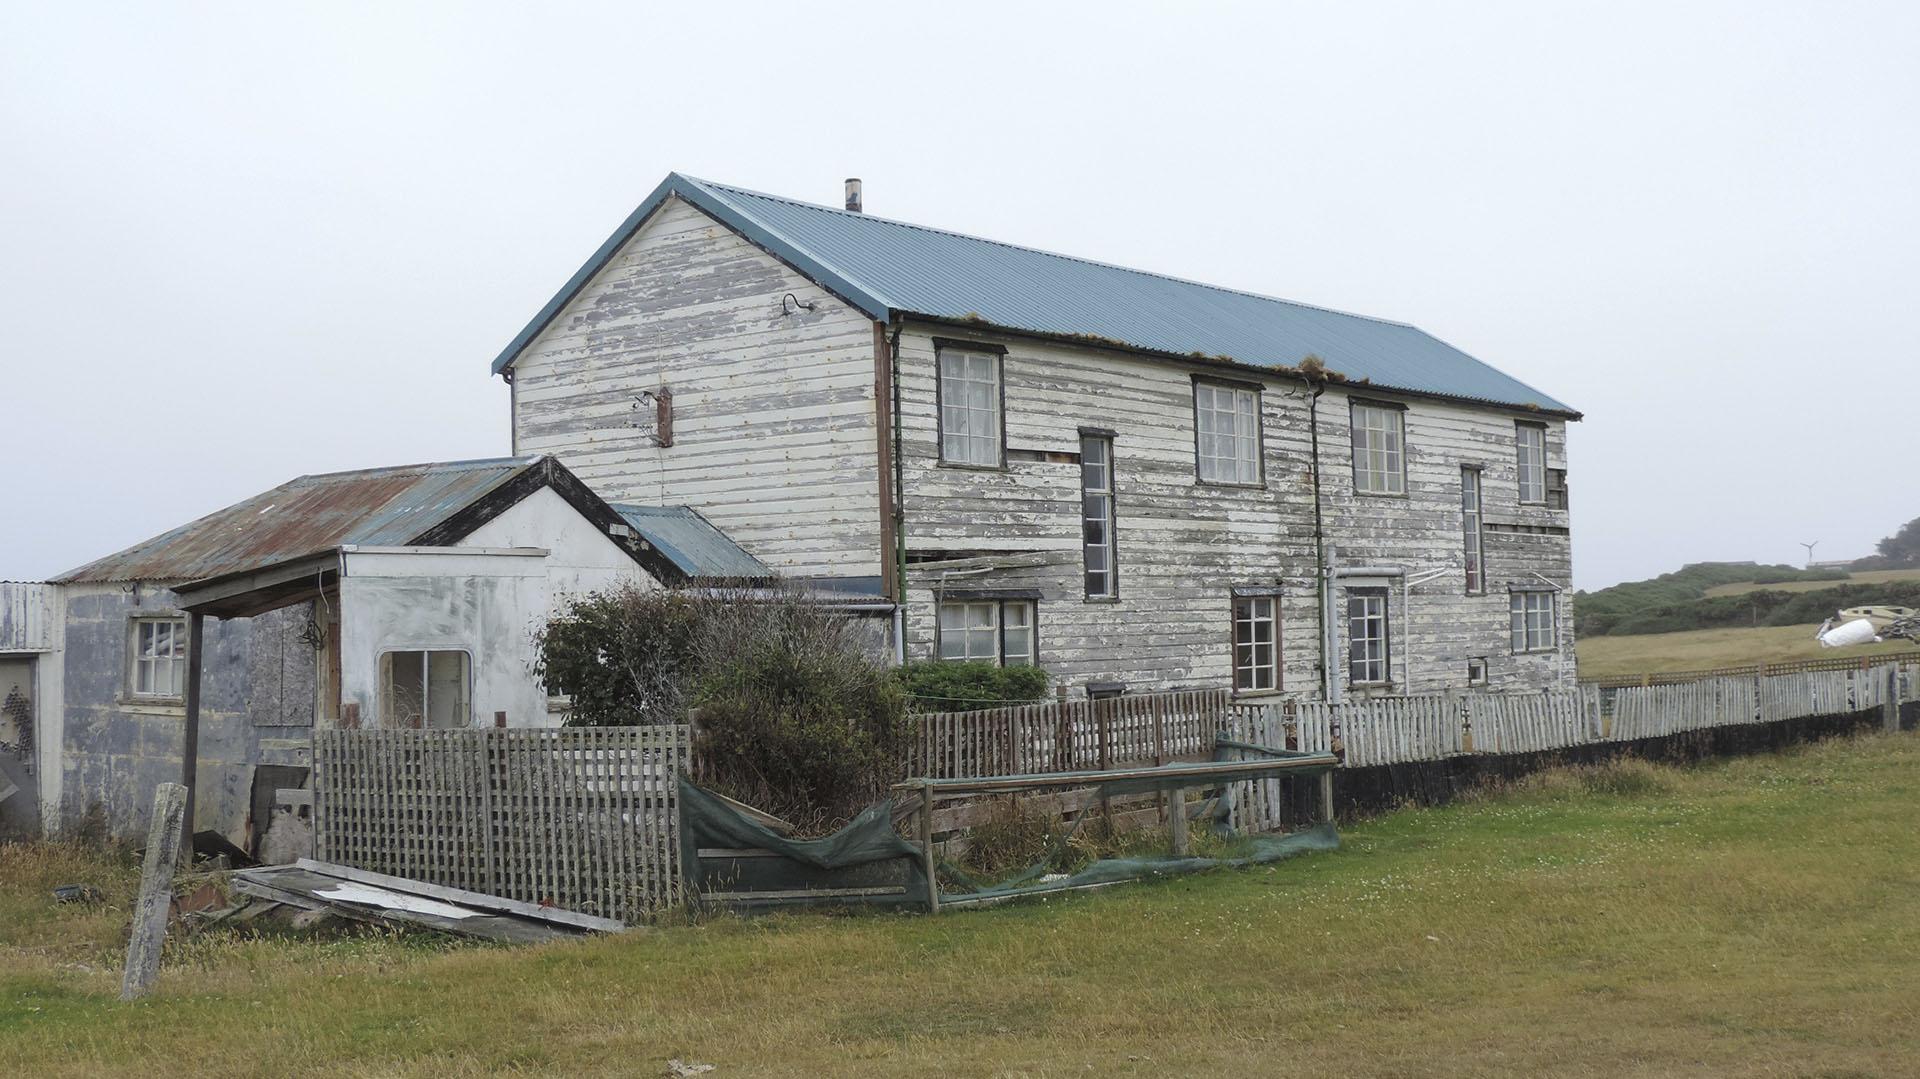 Los camps en Malvinas desarrollaron una actividad agraria -basada originalmente en la cría y esquila de ovejas- y permitieron de a poco el autoabastecimiento de los alimentos.